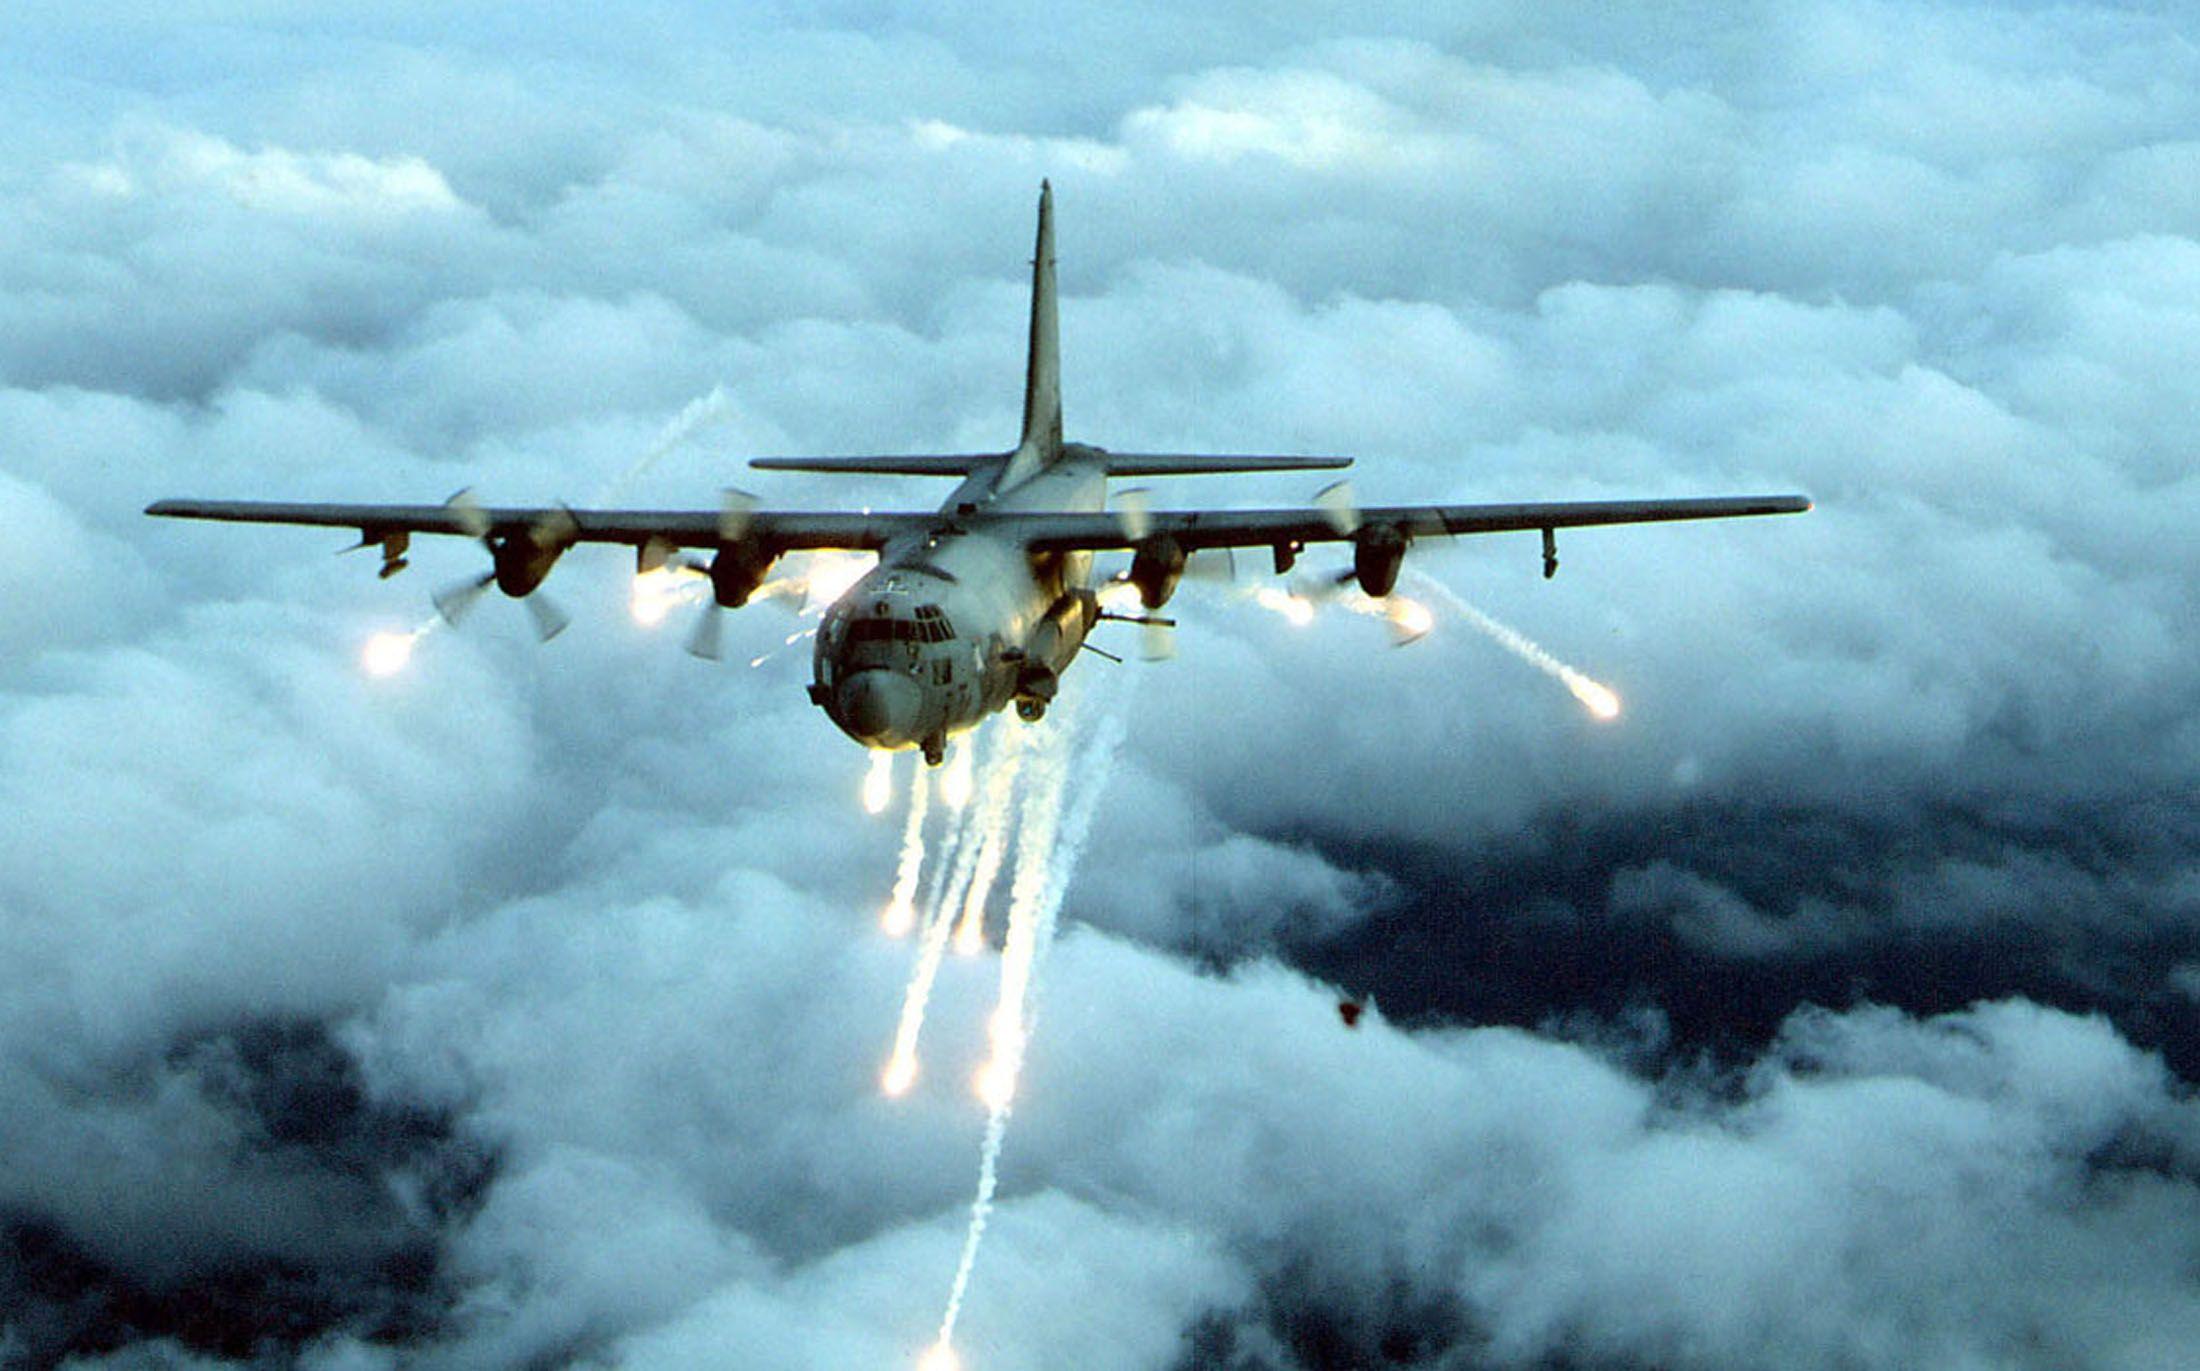 watch department of defense showcases angel of death war machine